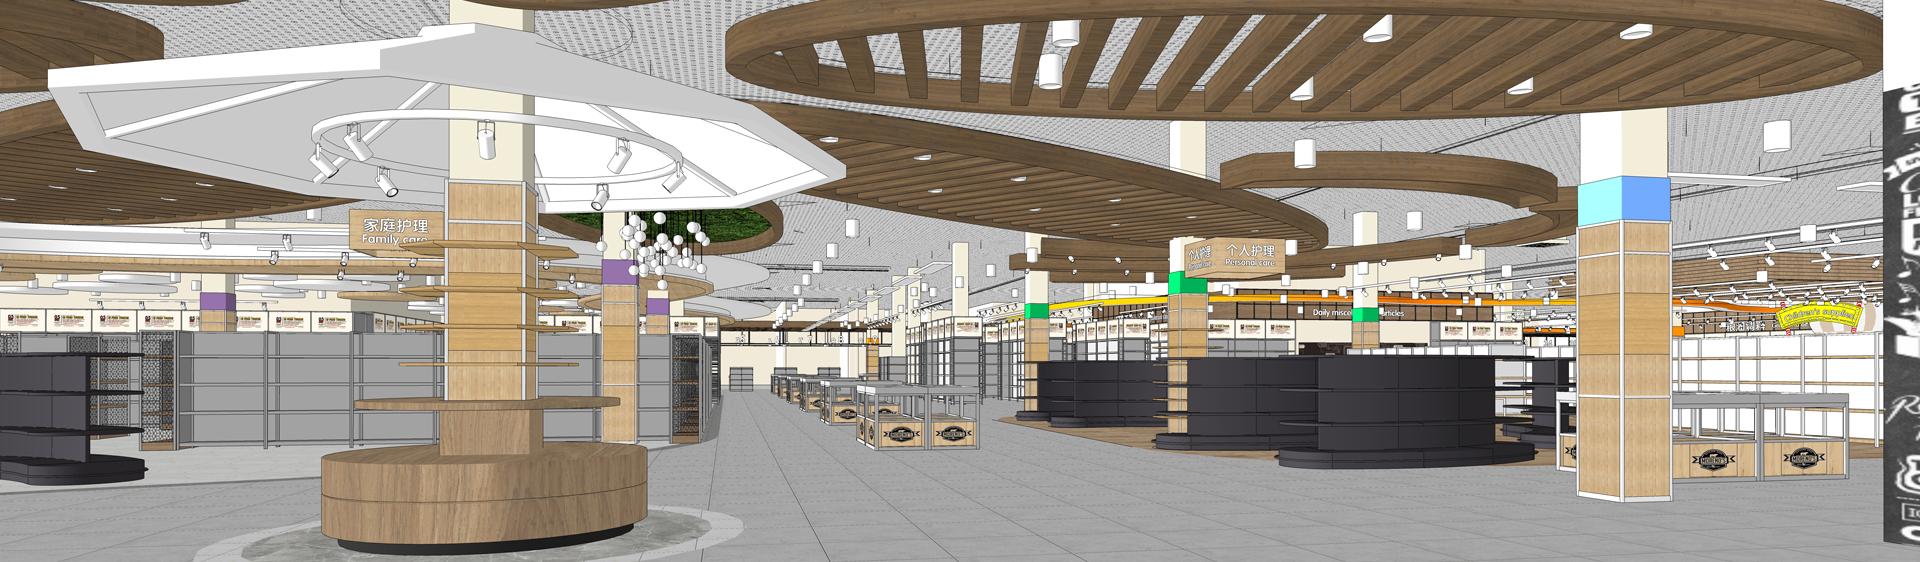 超市室内设计SU模型下载